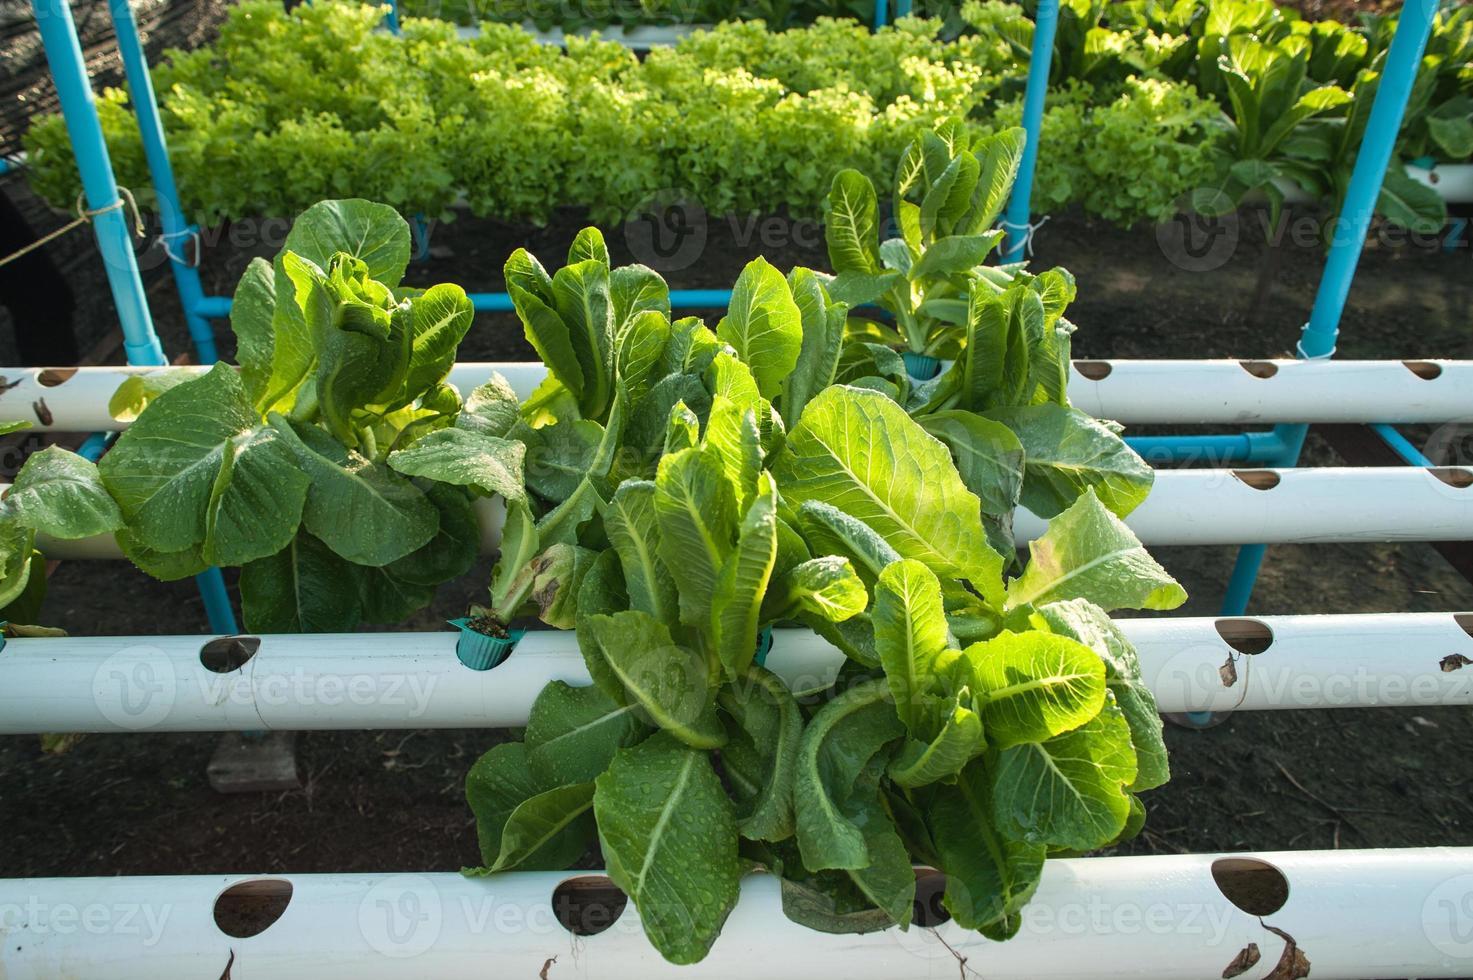 verde orgânico, vegetal de hidroponia de cultivo na fazenda foto